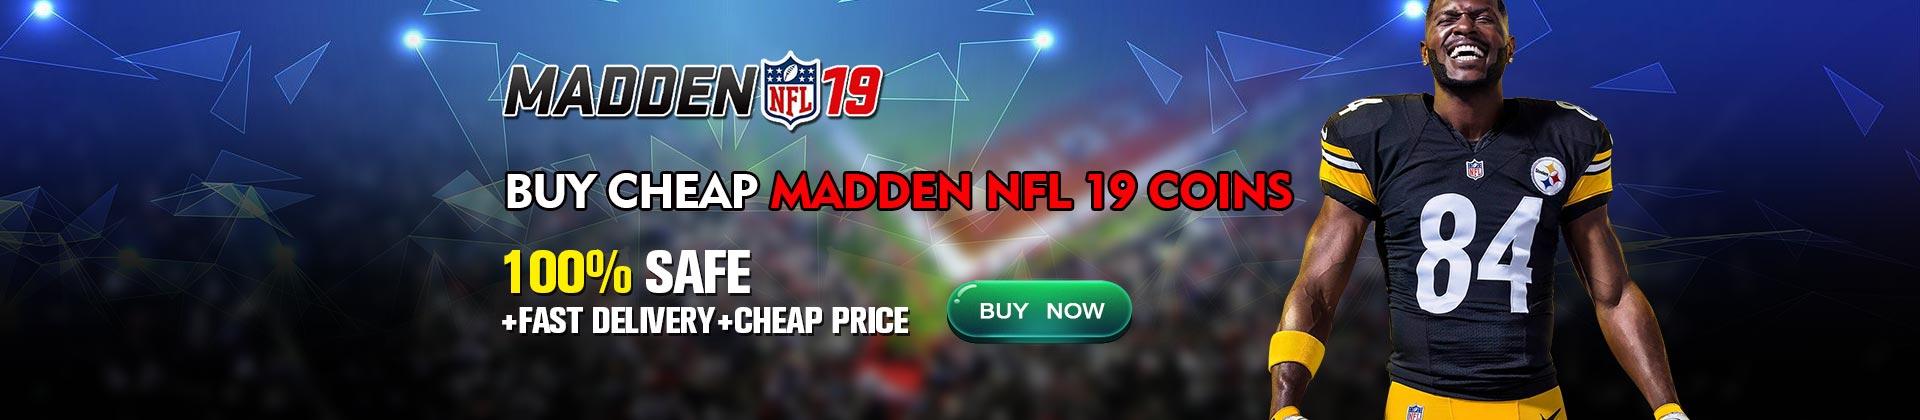 Cheap Madden NFL 19 Coins